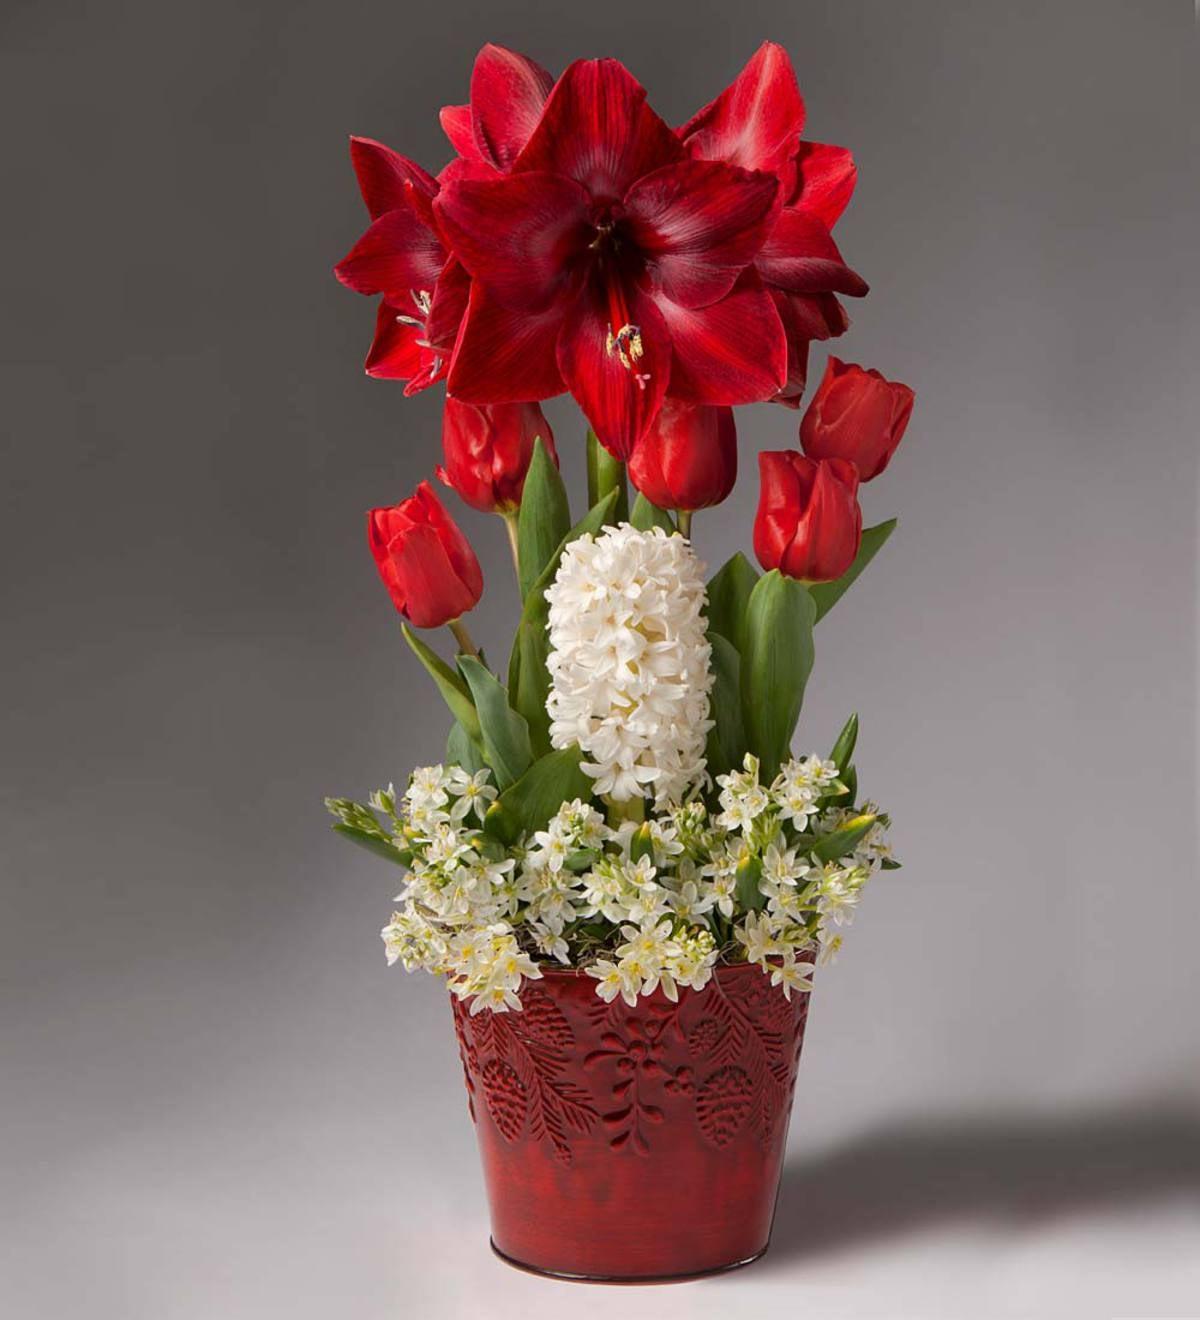 amaryllis christmas gift garden